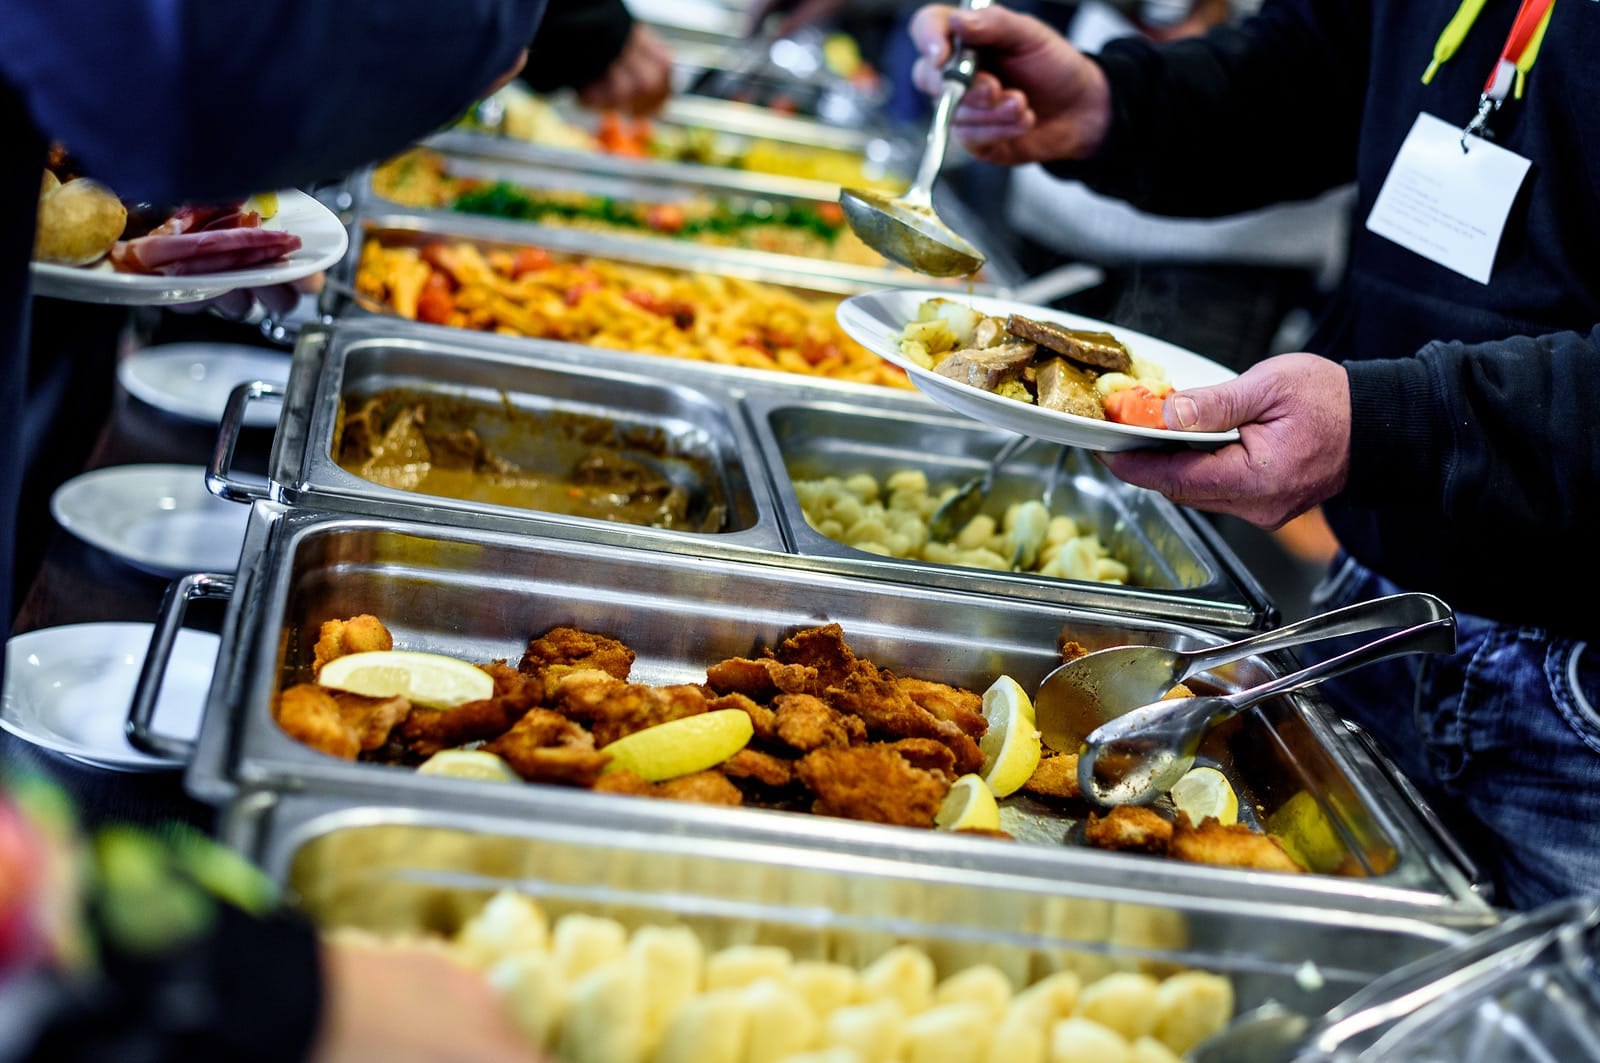 Menu Makanan Usaha Catering Yang Bisa Jadi Alternatif Thegorbalsla